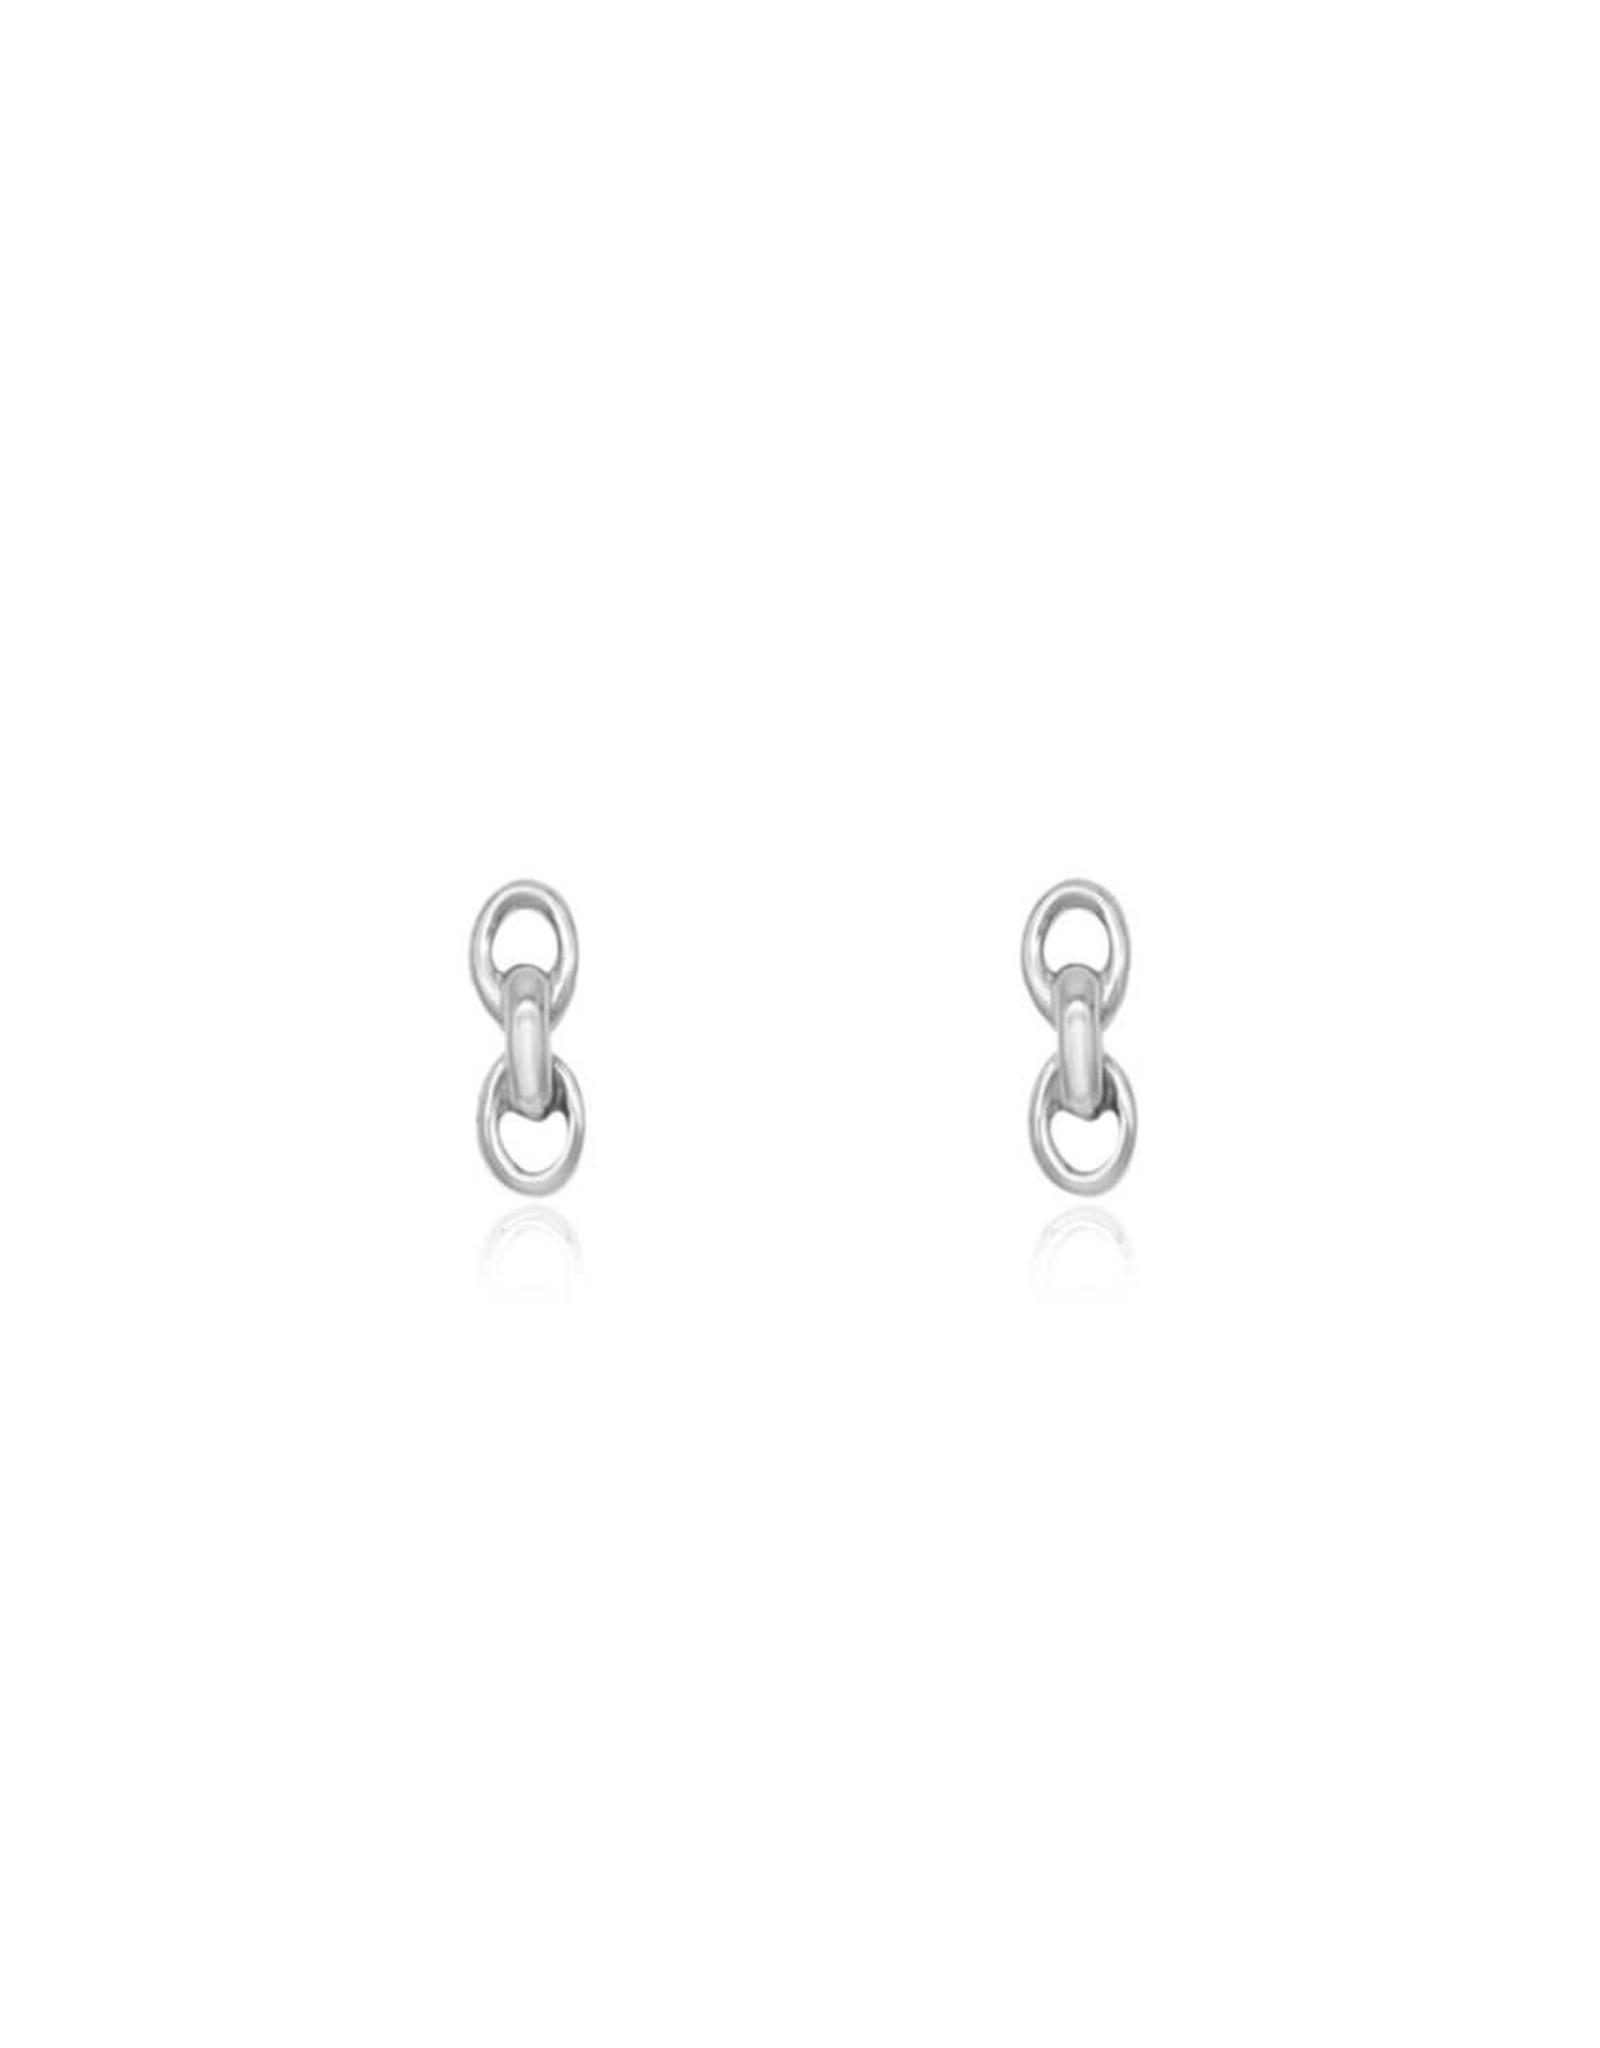 Chain Stud Earring, Silver